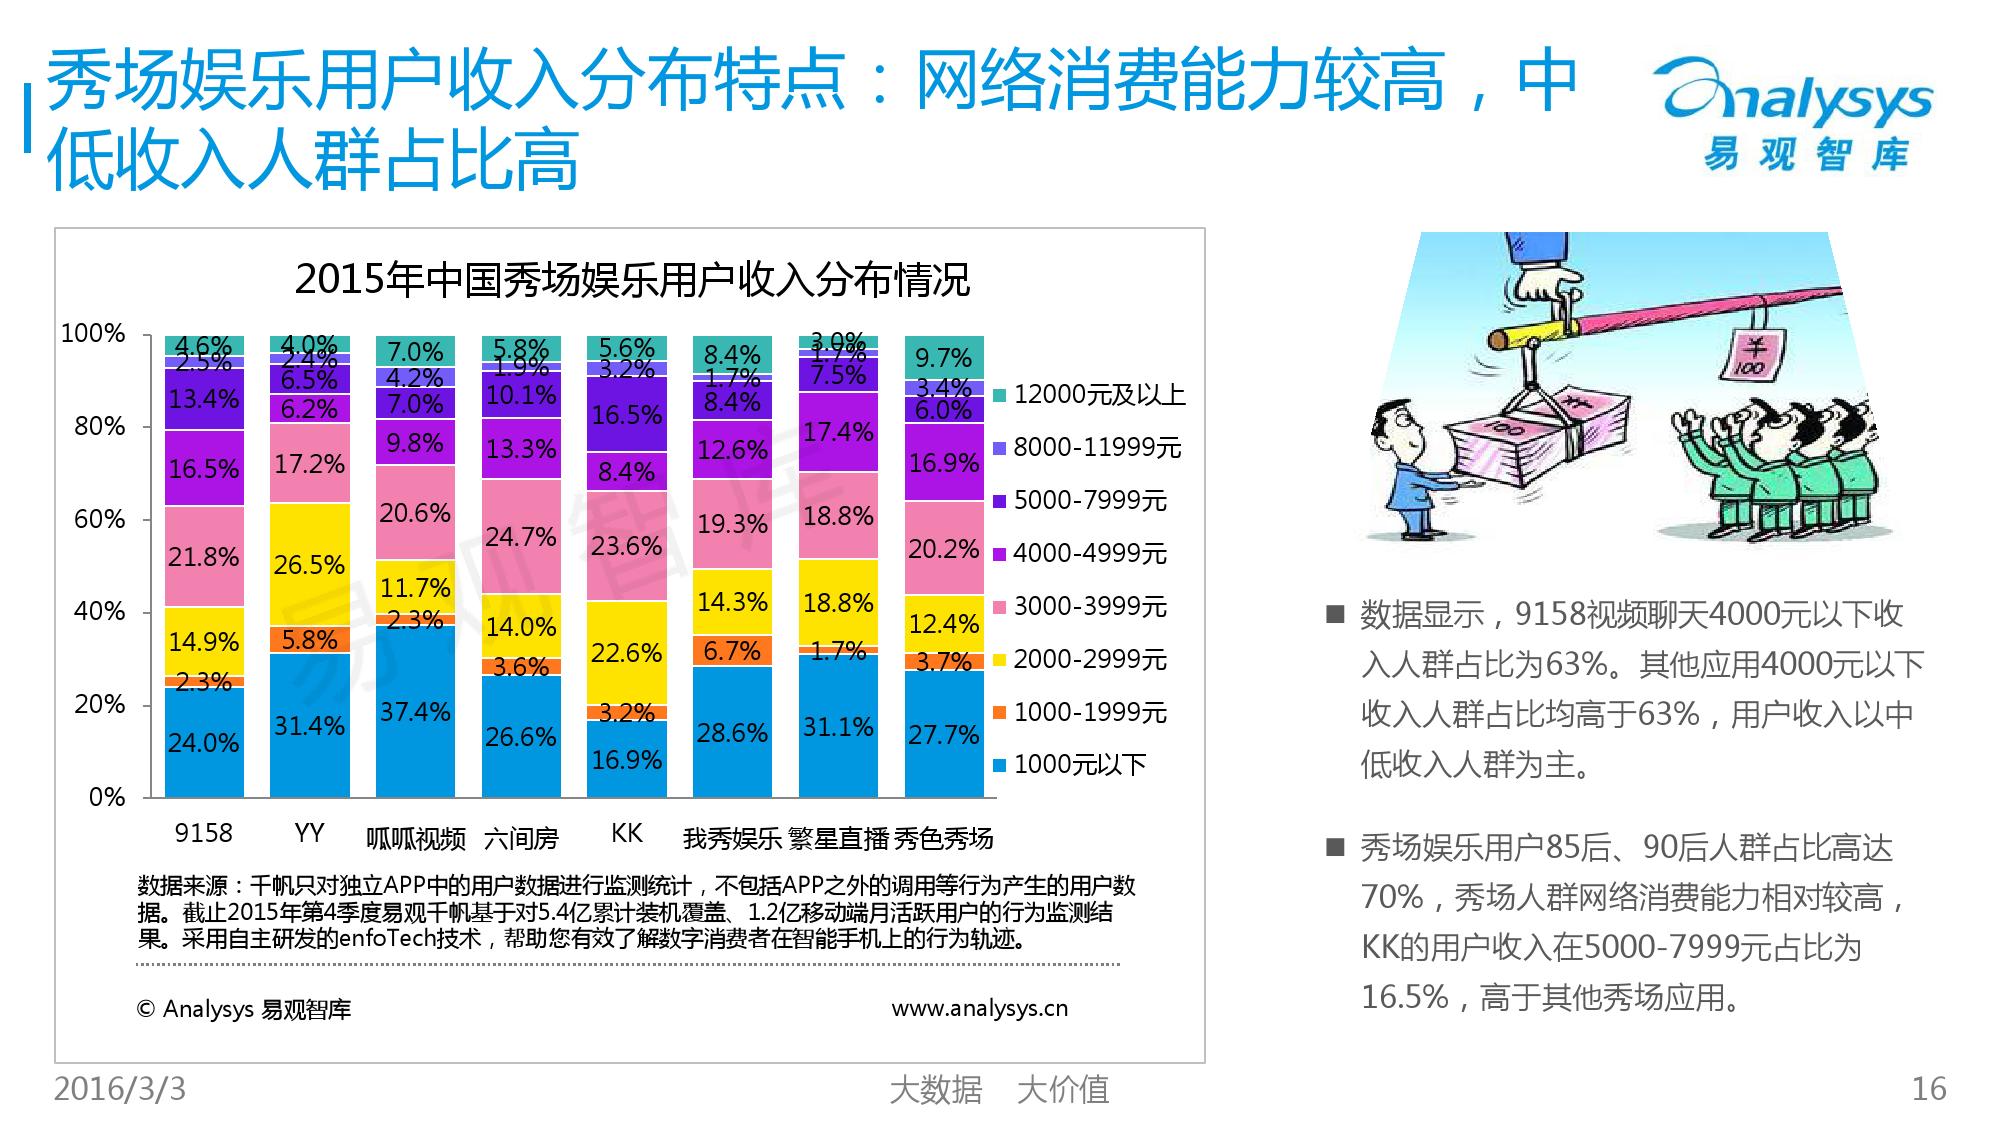 中国秀场娱乐市场专题研究报告2016_000016